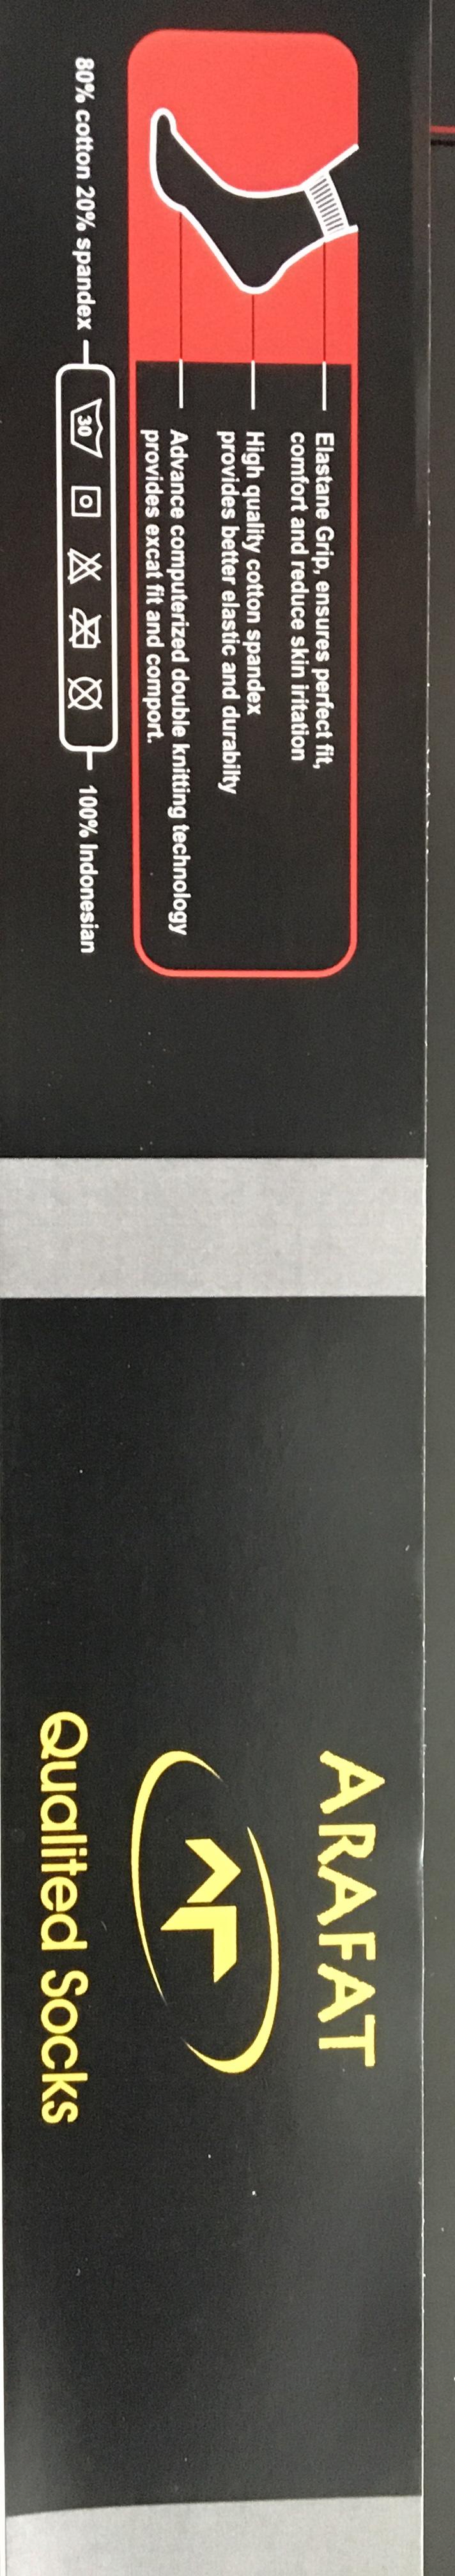 394e3a600f